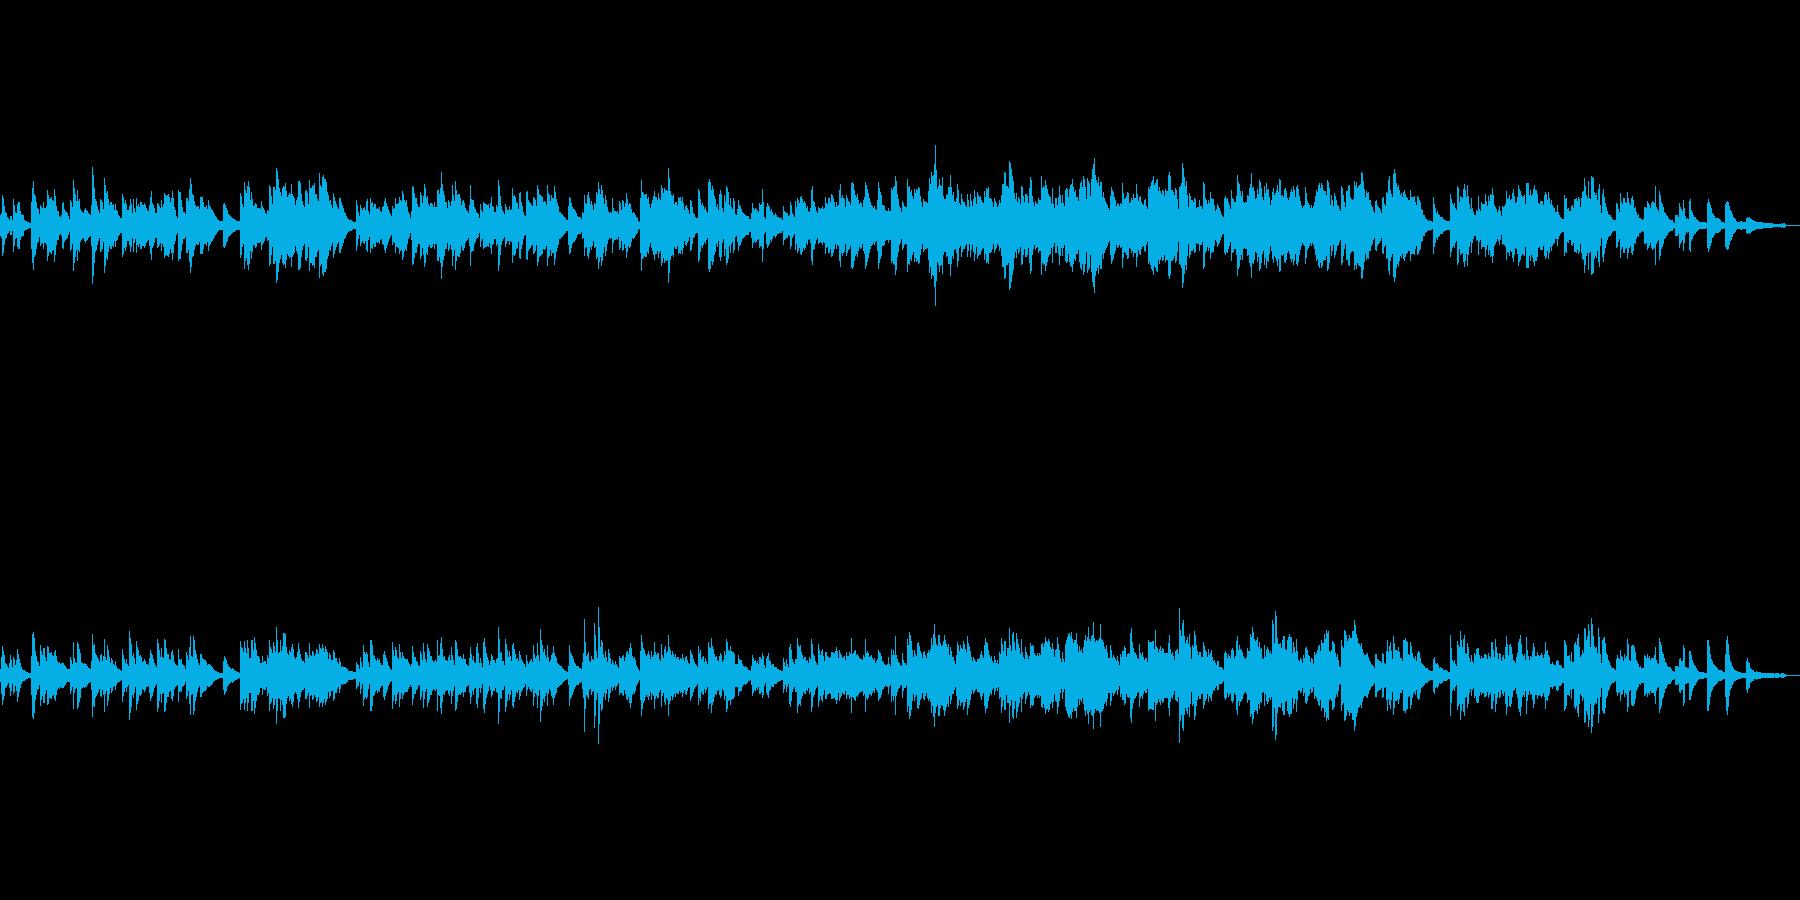 物語を想像させるようなピアノソロの再生済みの波形